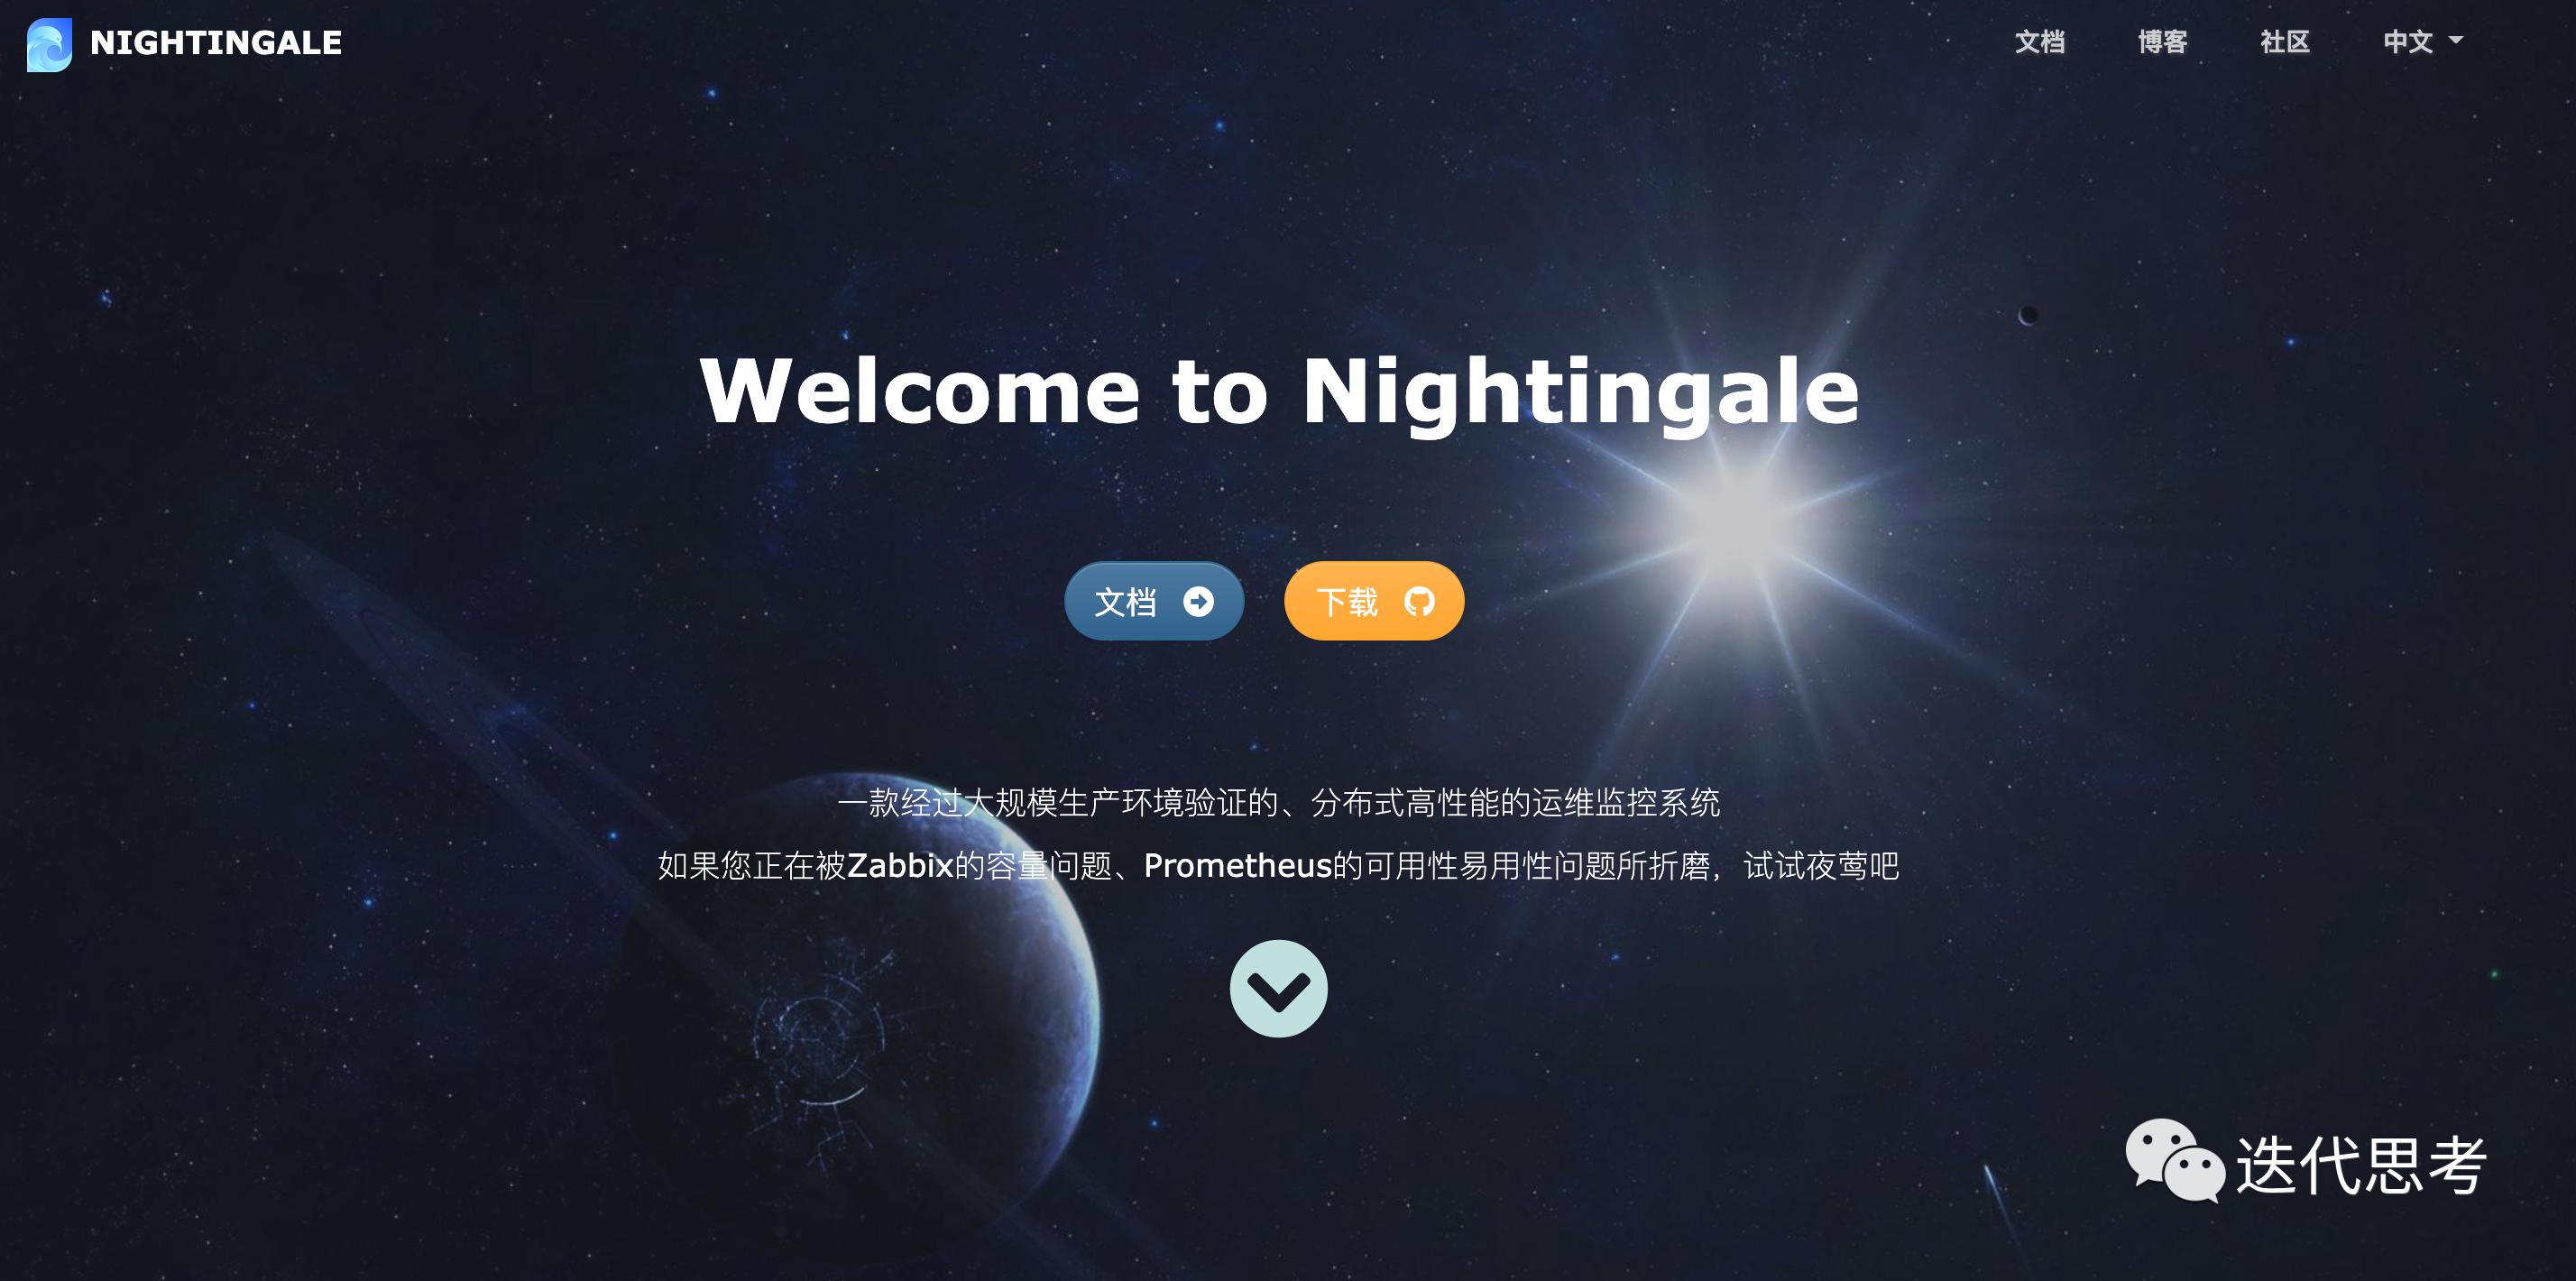 夜莺二次开发指南-监控系统(2)